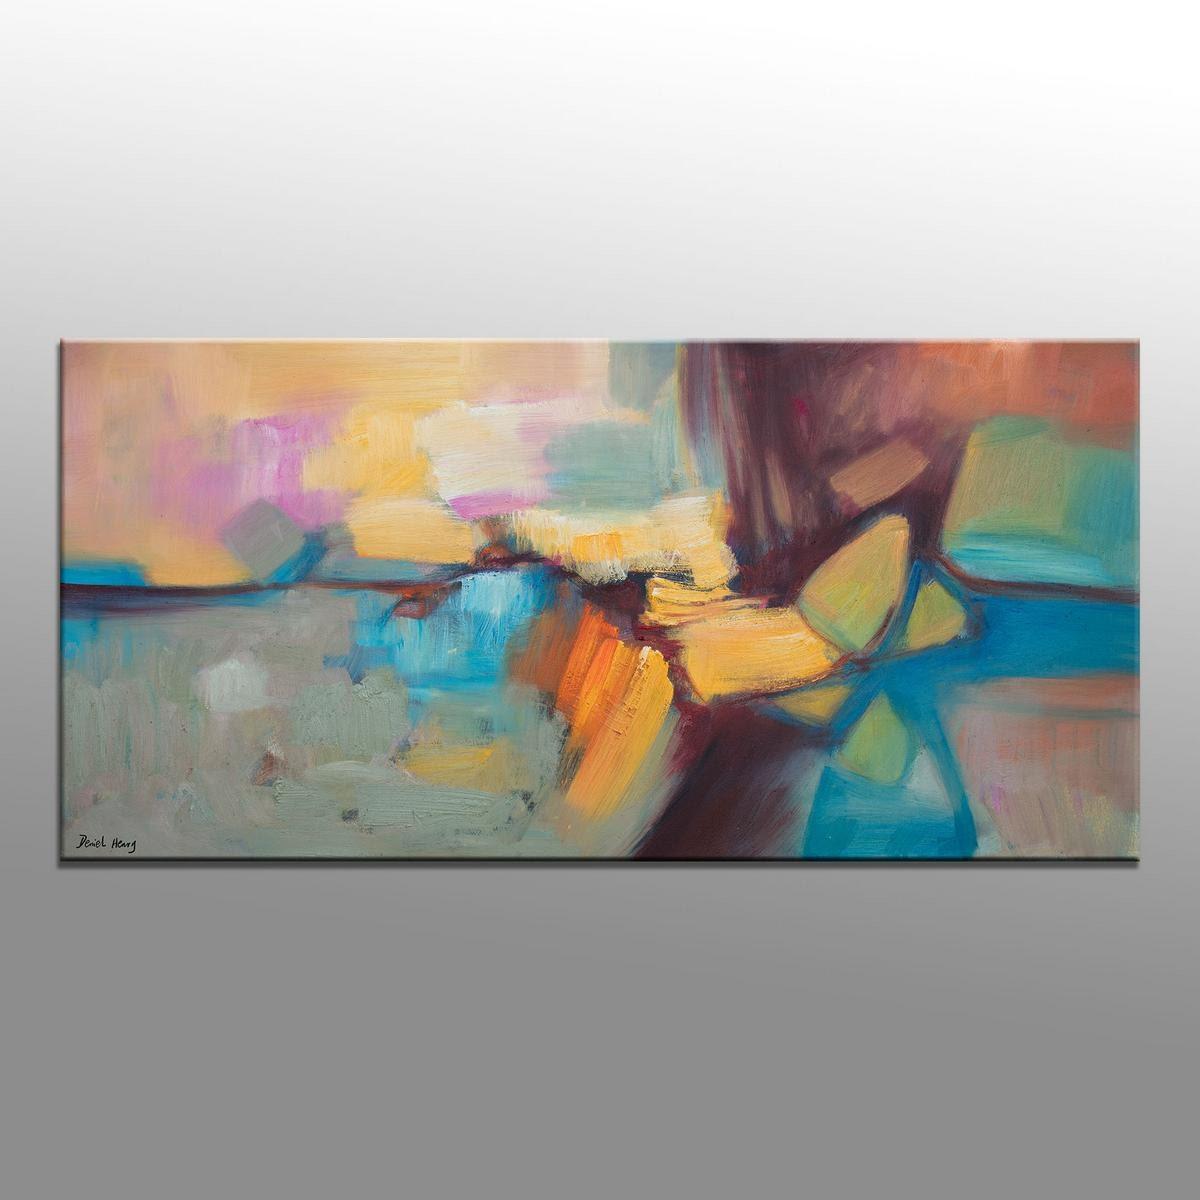 Abstract Painting, Abstract Wall Art, Contemporary Art, Original Oil  Painting, Large Oil Painting, Bathroom Art, Canvas Art, Modern Art